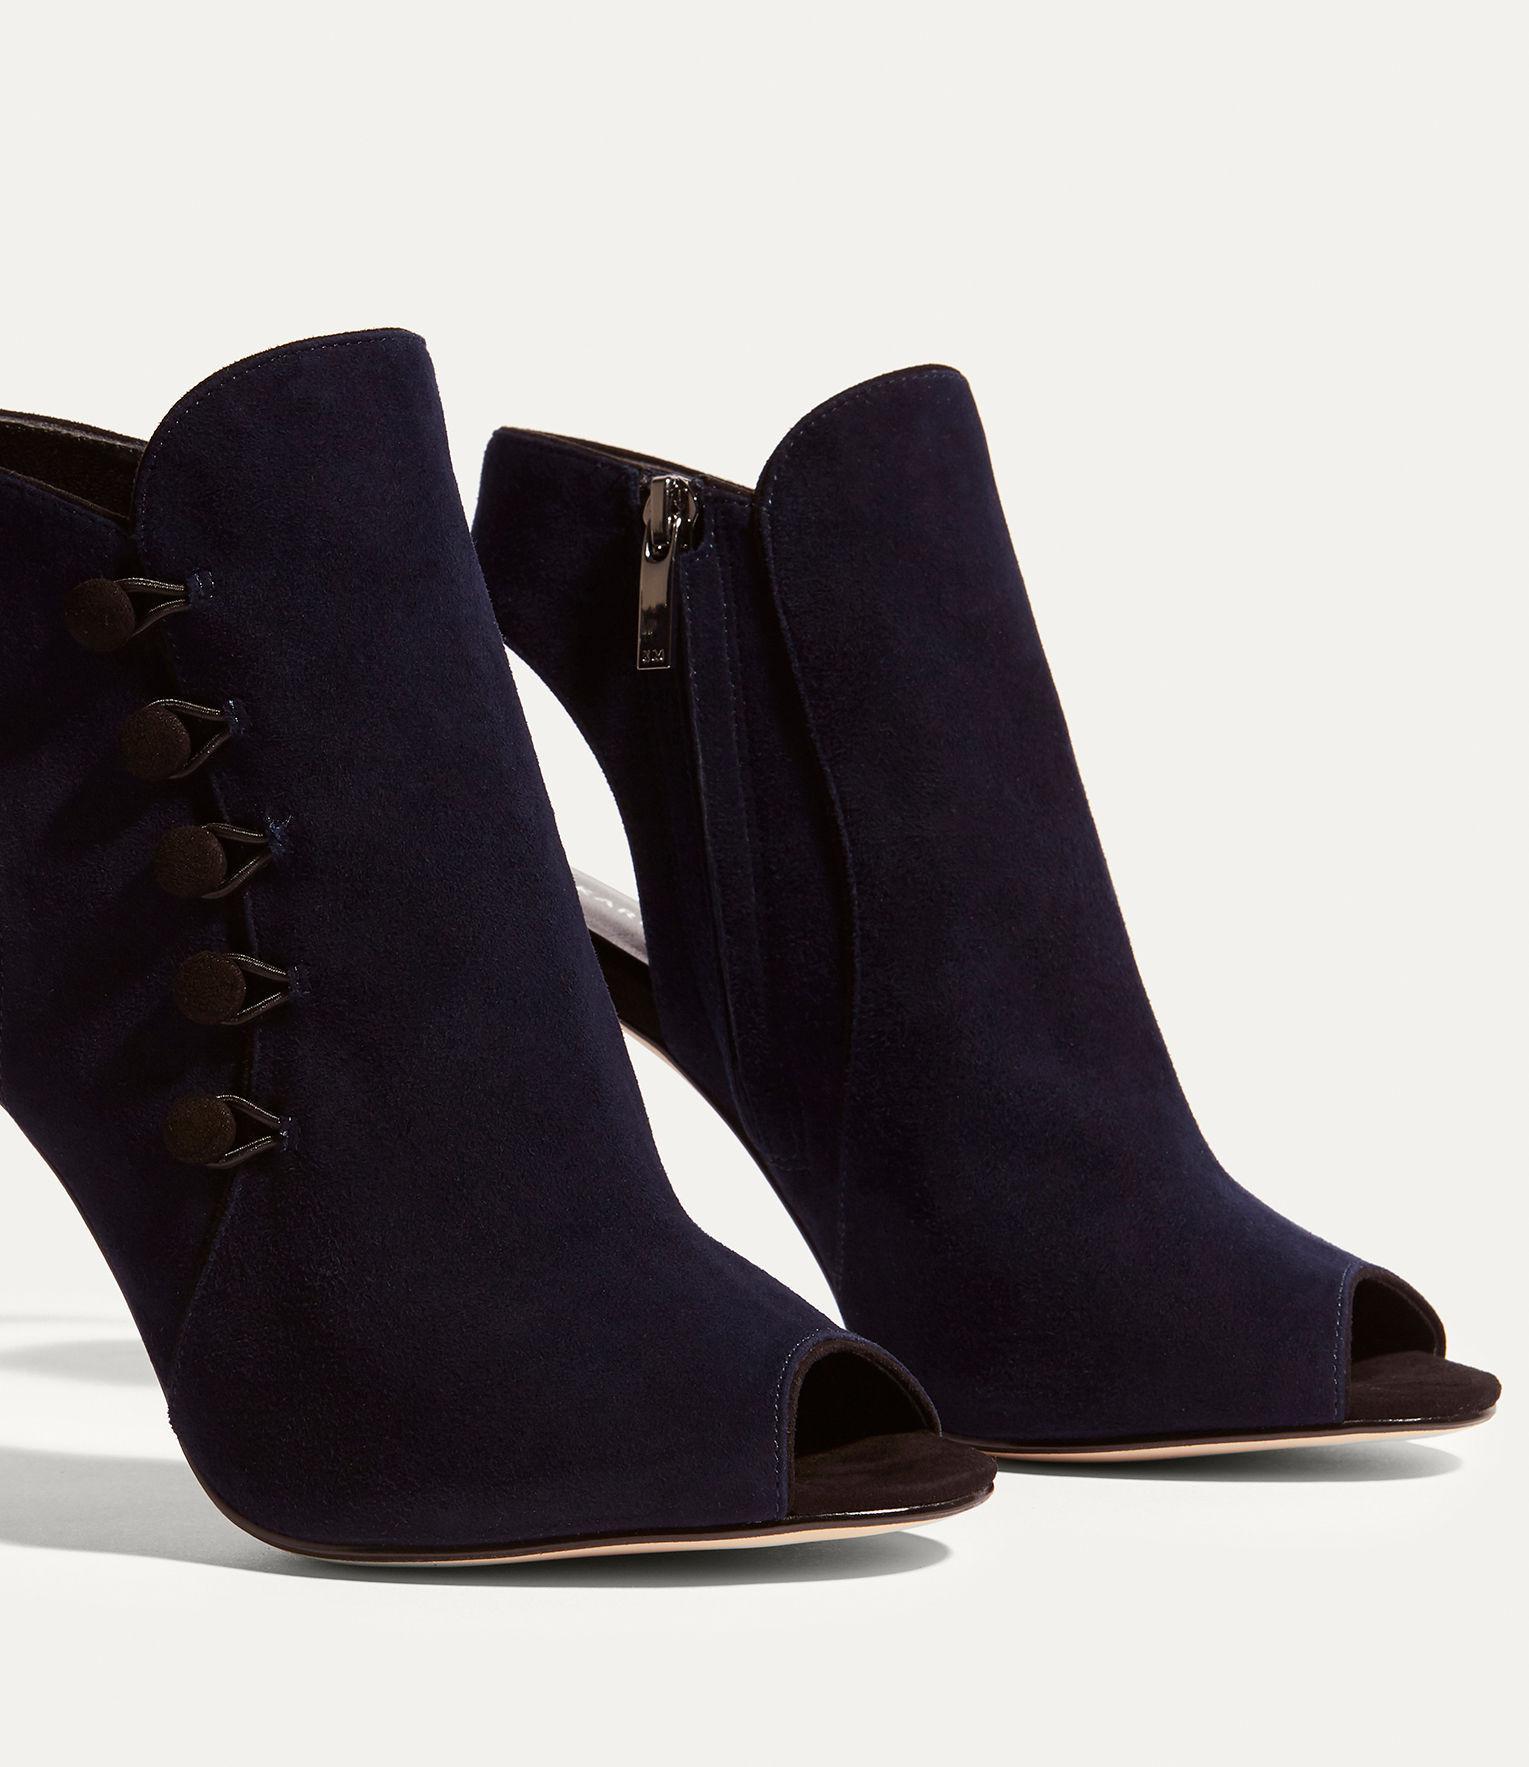 Karen Millen Leather Button Heel Shoe Boots - Navy in Blue